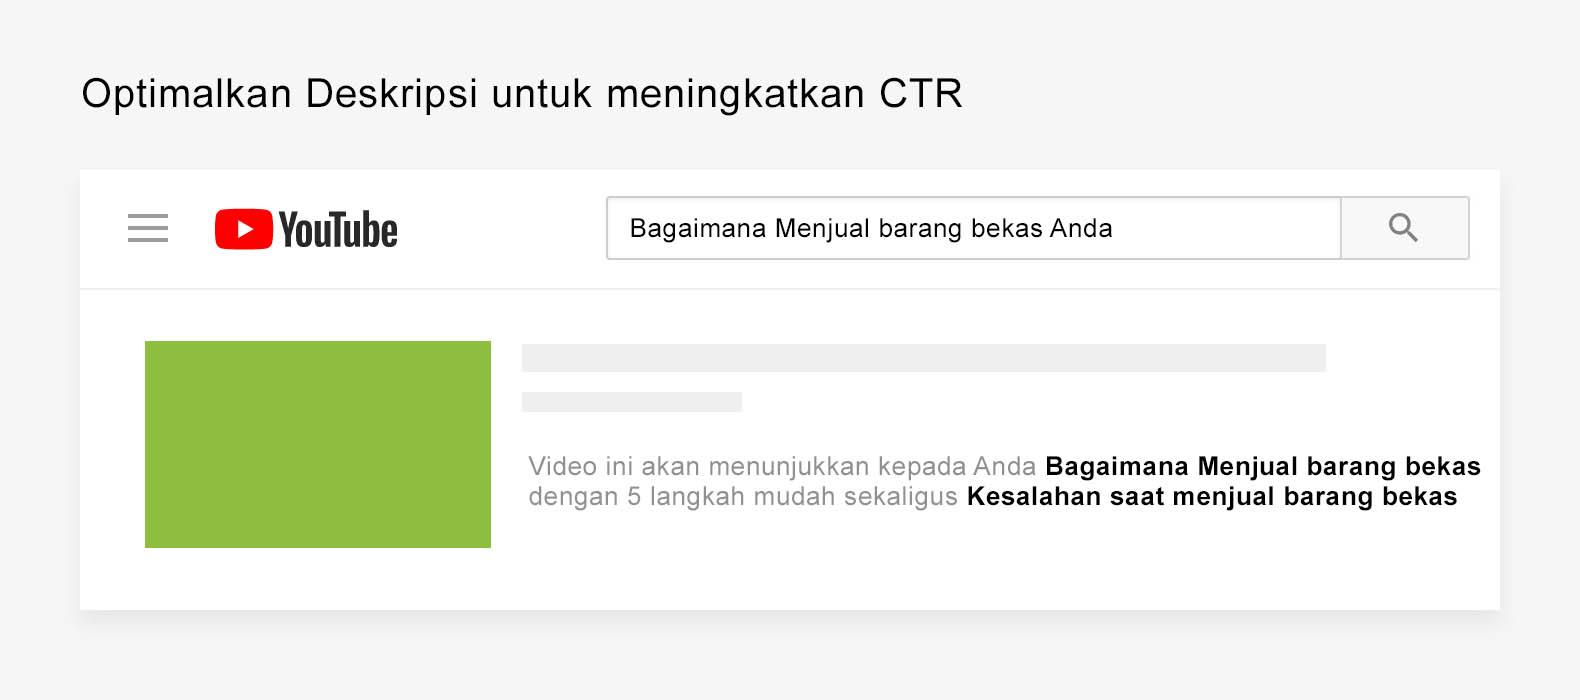 Optimalkan Deskripsi untuk meningkatkan CTR